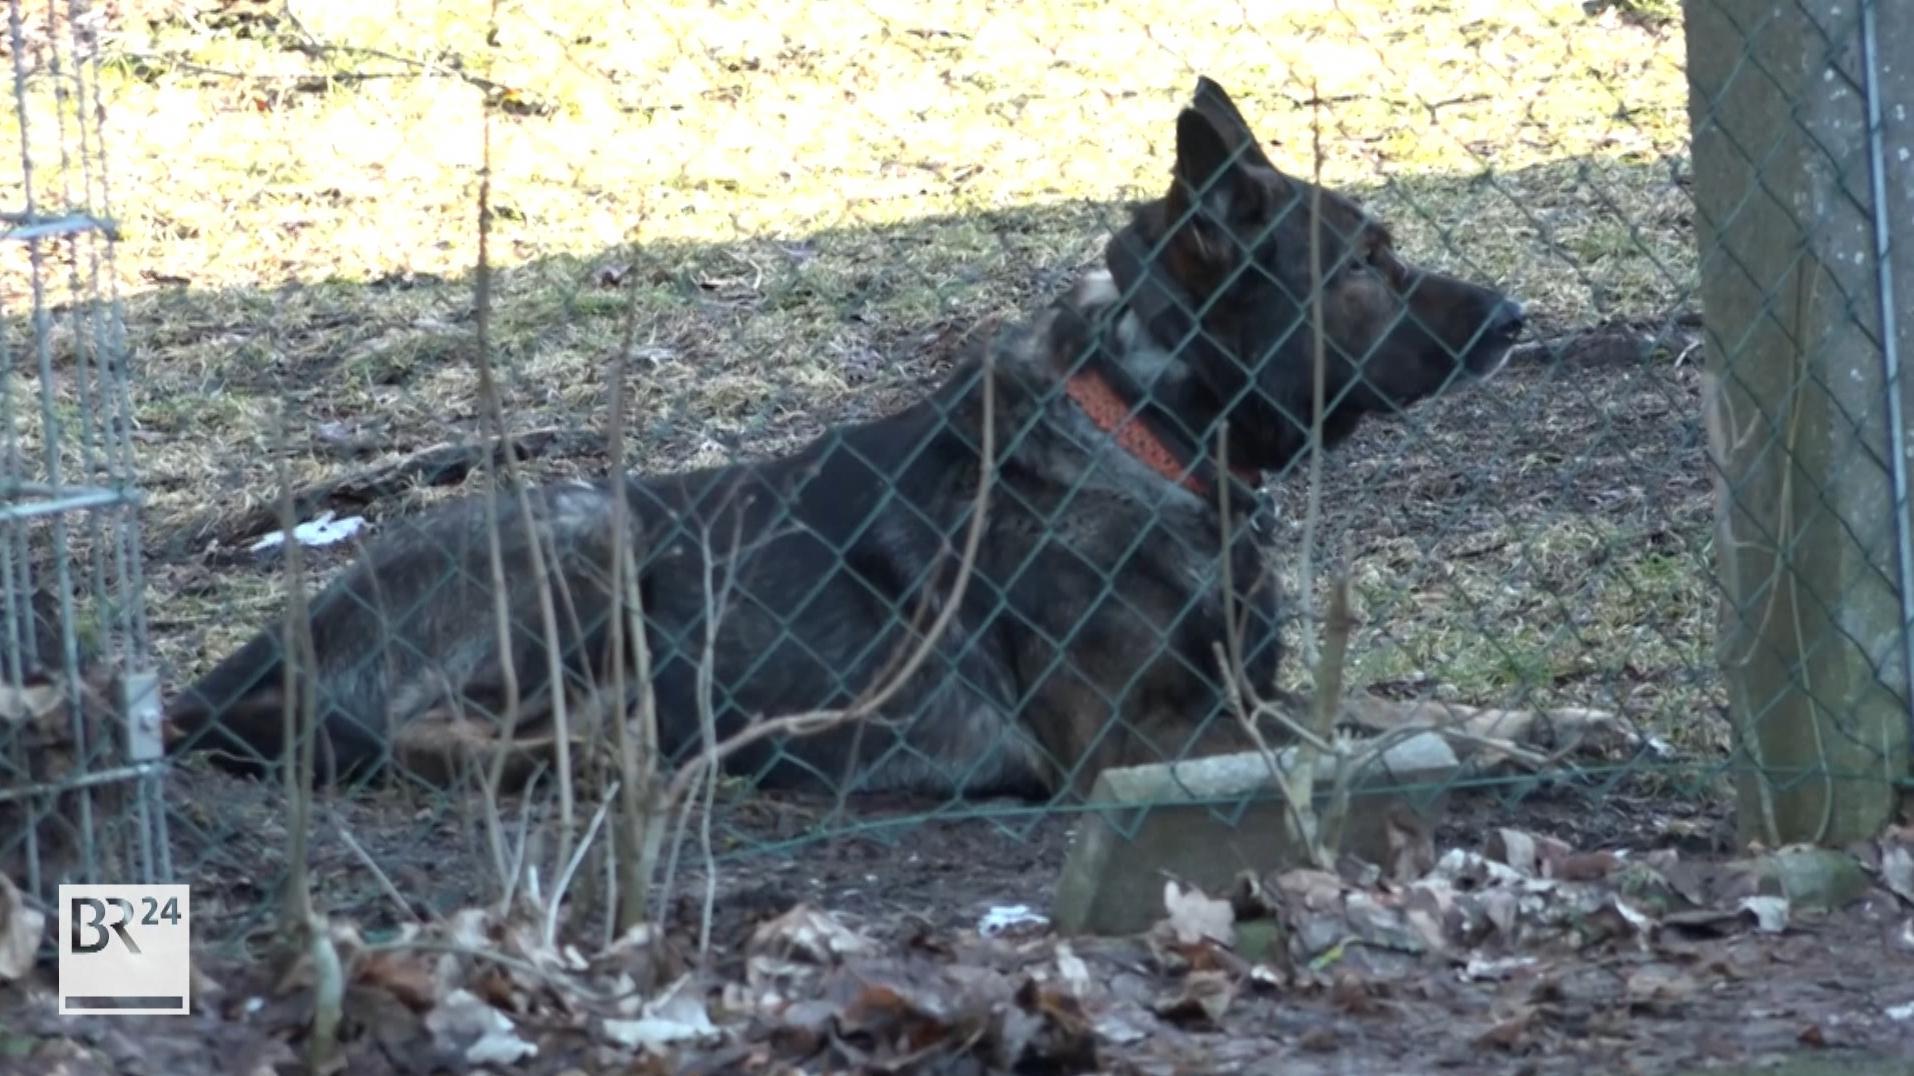 Ein Schäferhund liegt in einem Garten hinter einem Zaun.